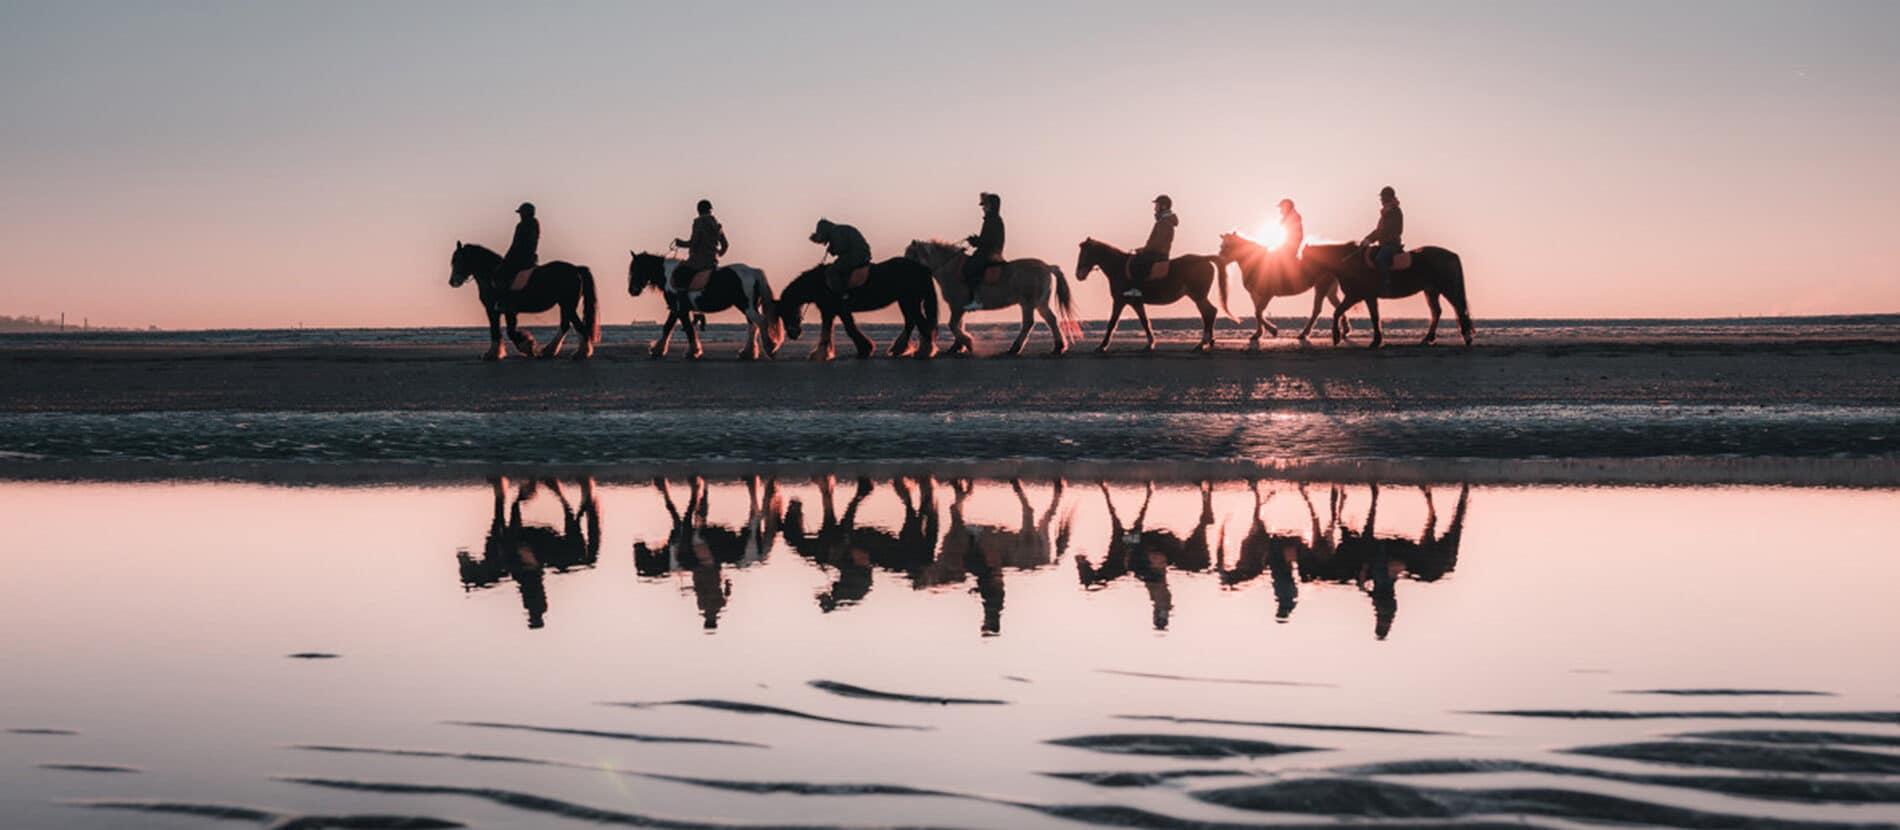 balade à cheval sur la plage au coucher du soleil